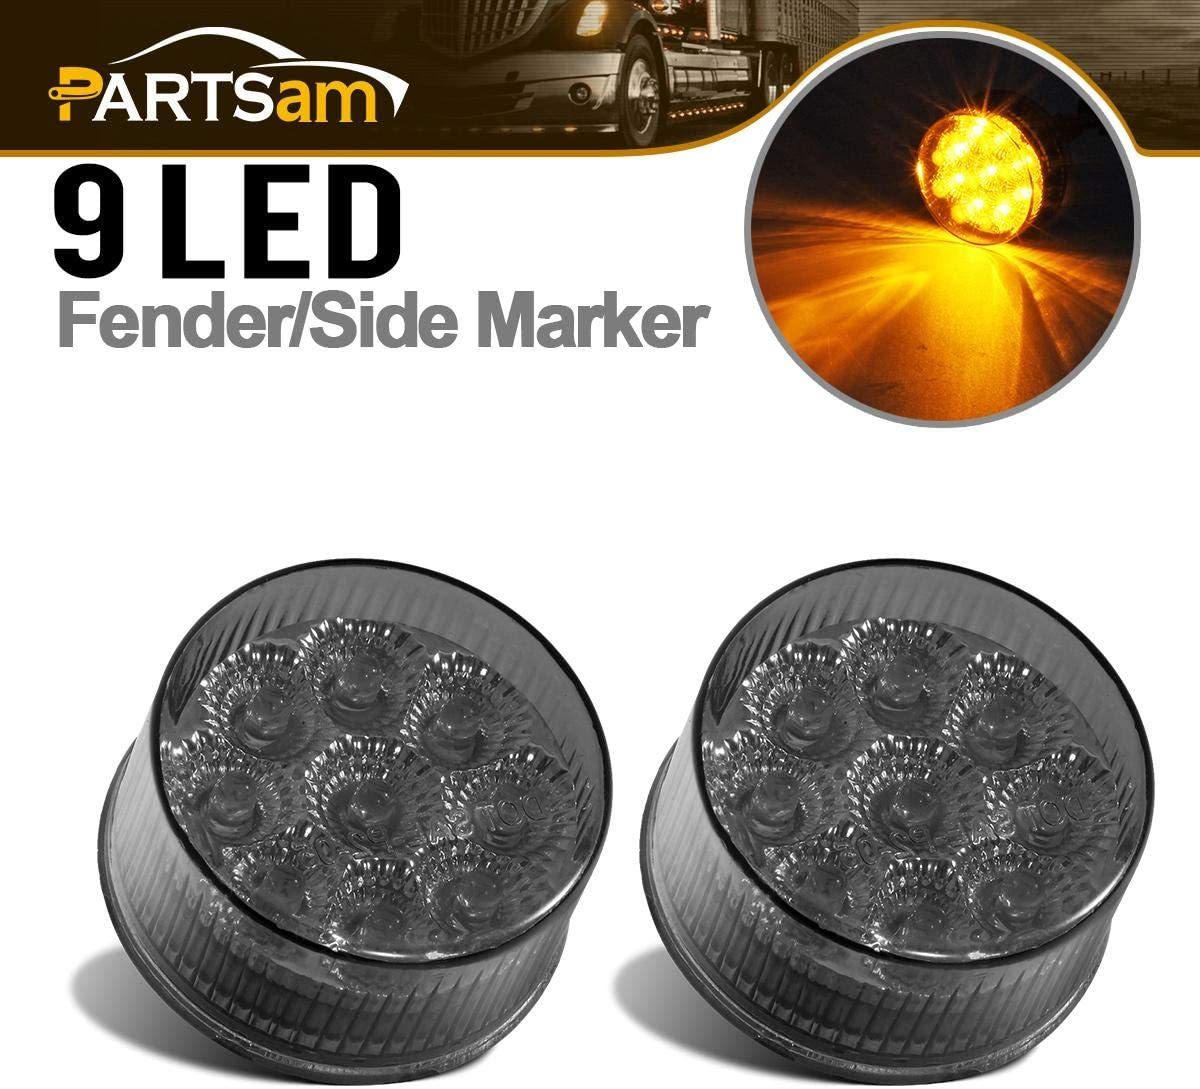 Sealed 2 Round Led Marker Lights for Trucks Partsam 2Pcs 2 Round Amber Led Side Marker Lights 9 Diodes Smoke Lens w Reflectors Trailer Truck Lights Lamps Waterproof 12V